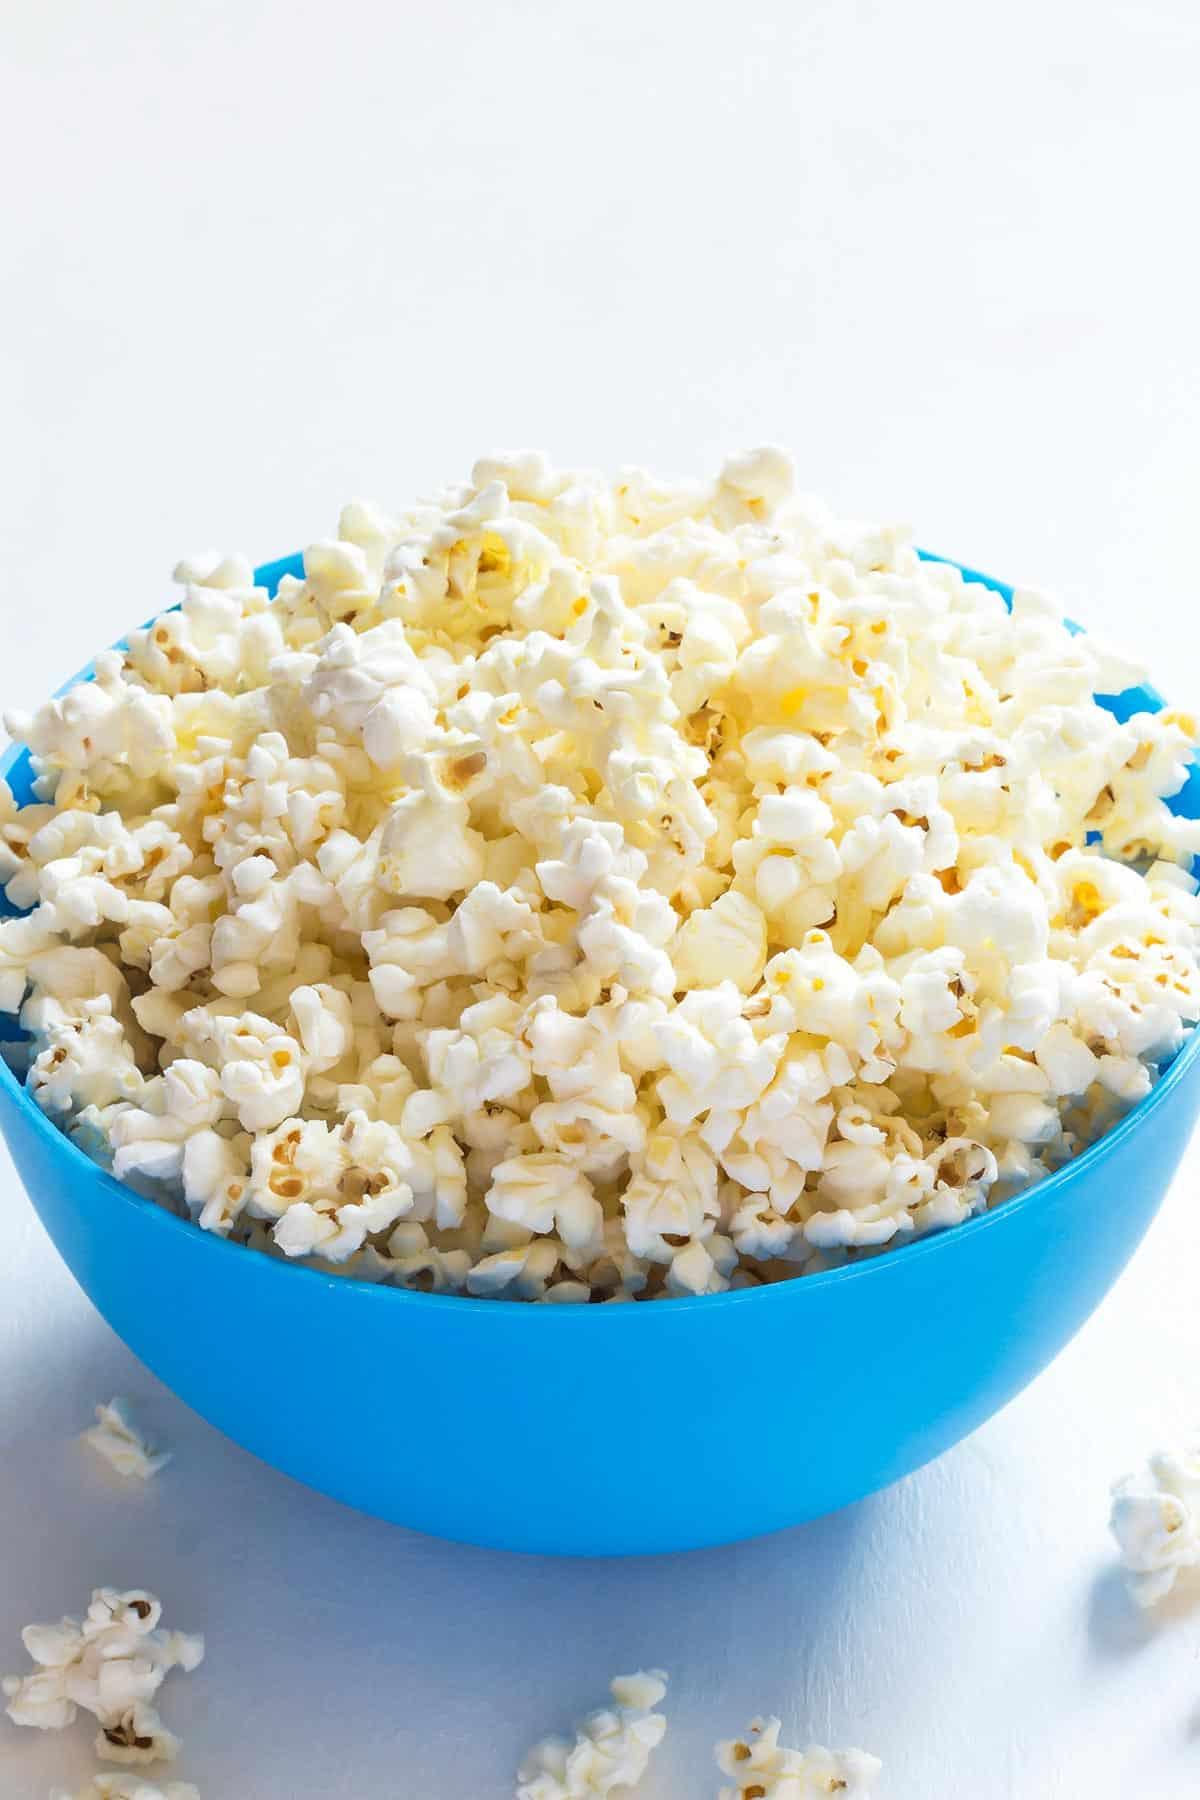 Flavorless Popcorn